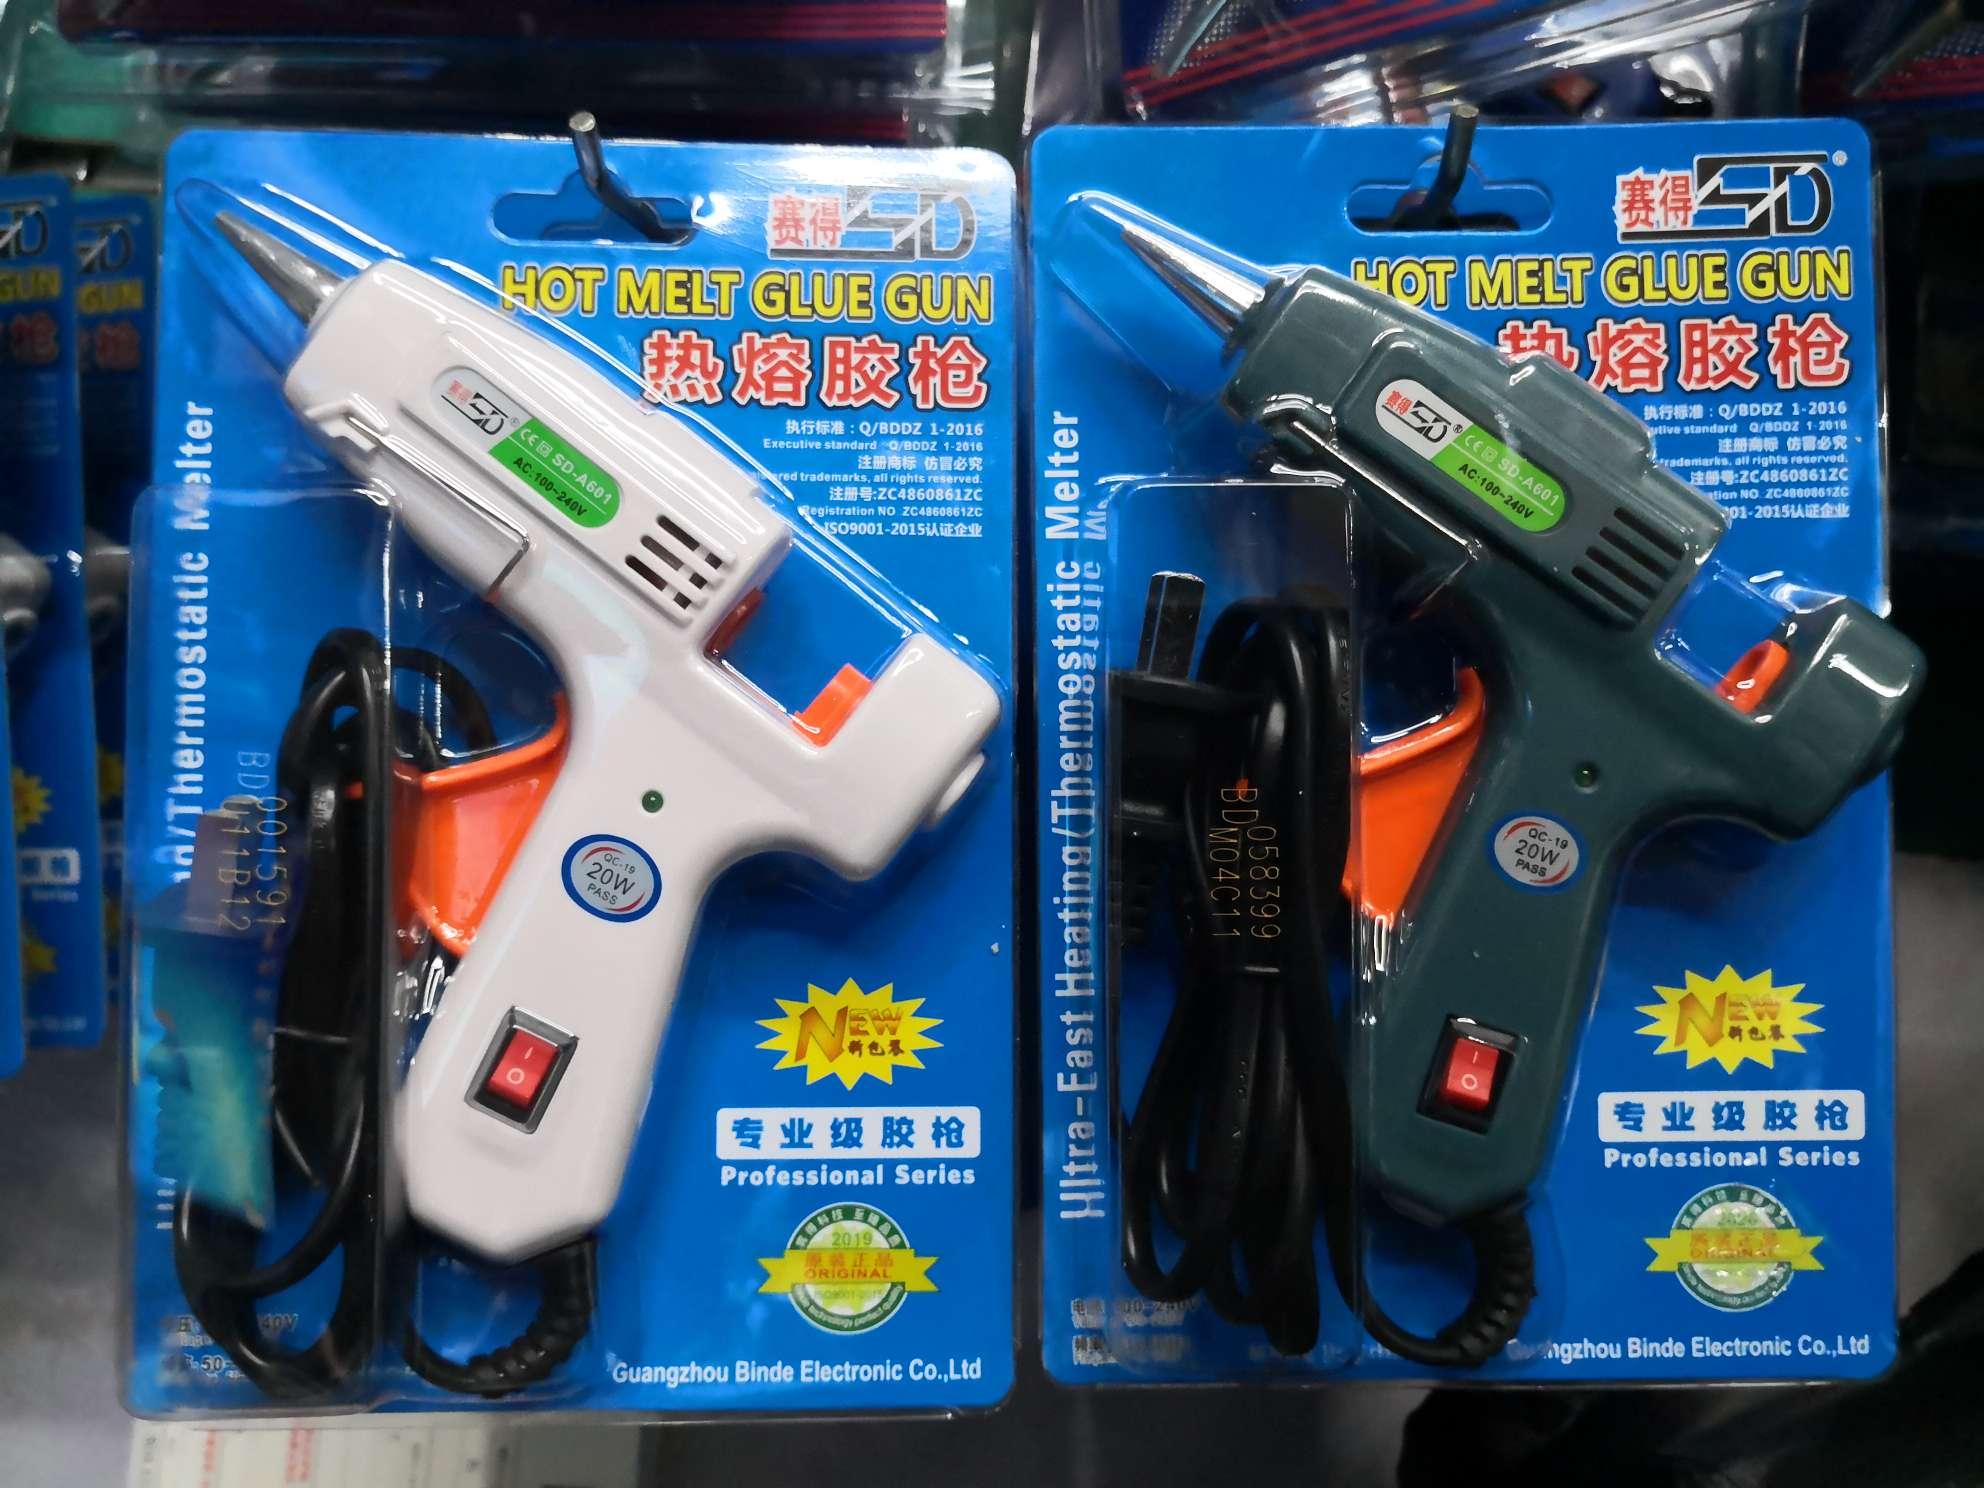 赛得SD-A601热熔胶枪白色和蓝色2款正品小胶枪7毫米细胶棒通用一小箱24支一大件96支